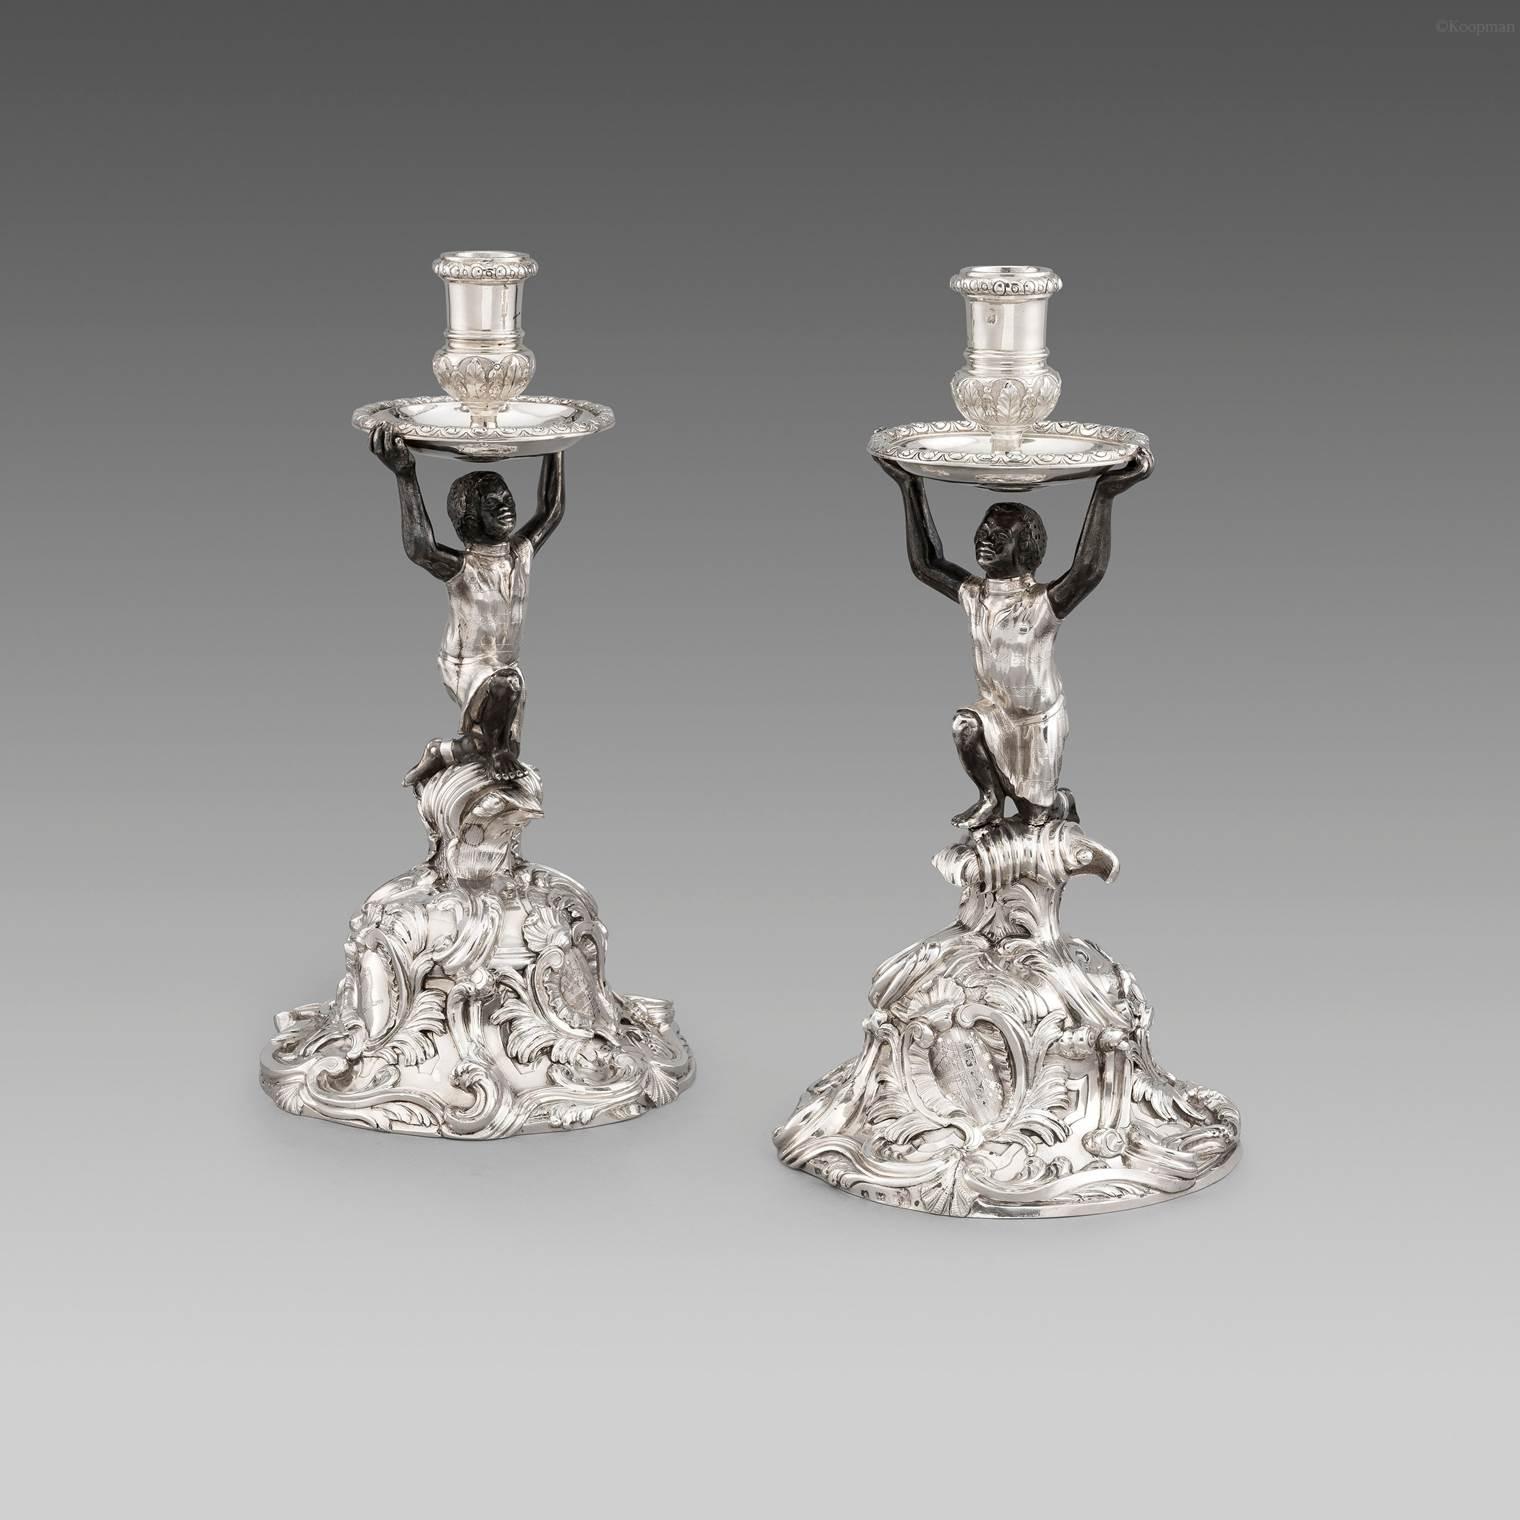 An Exceptionally Rare Pair of Rococo Candelabra